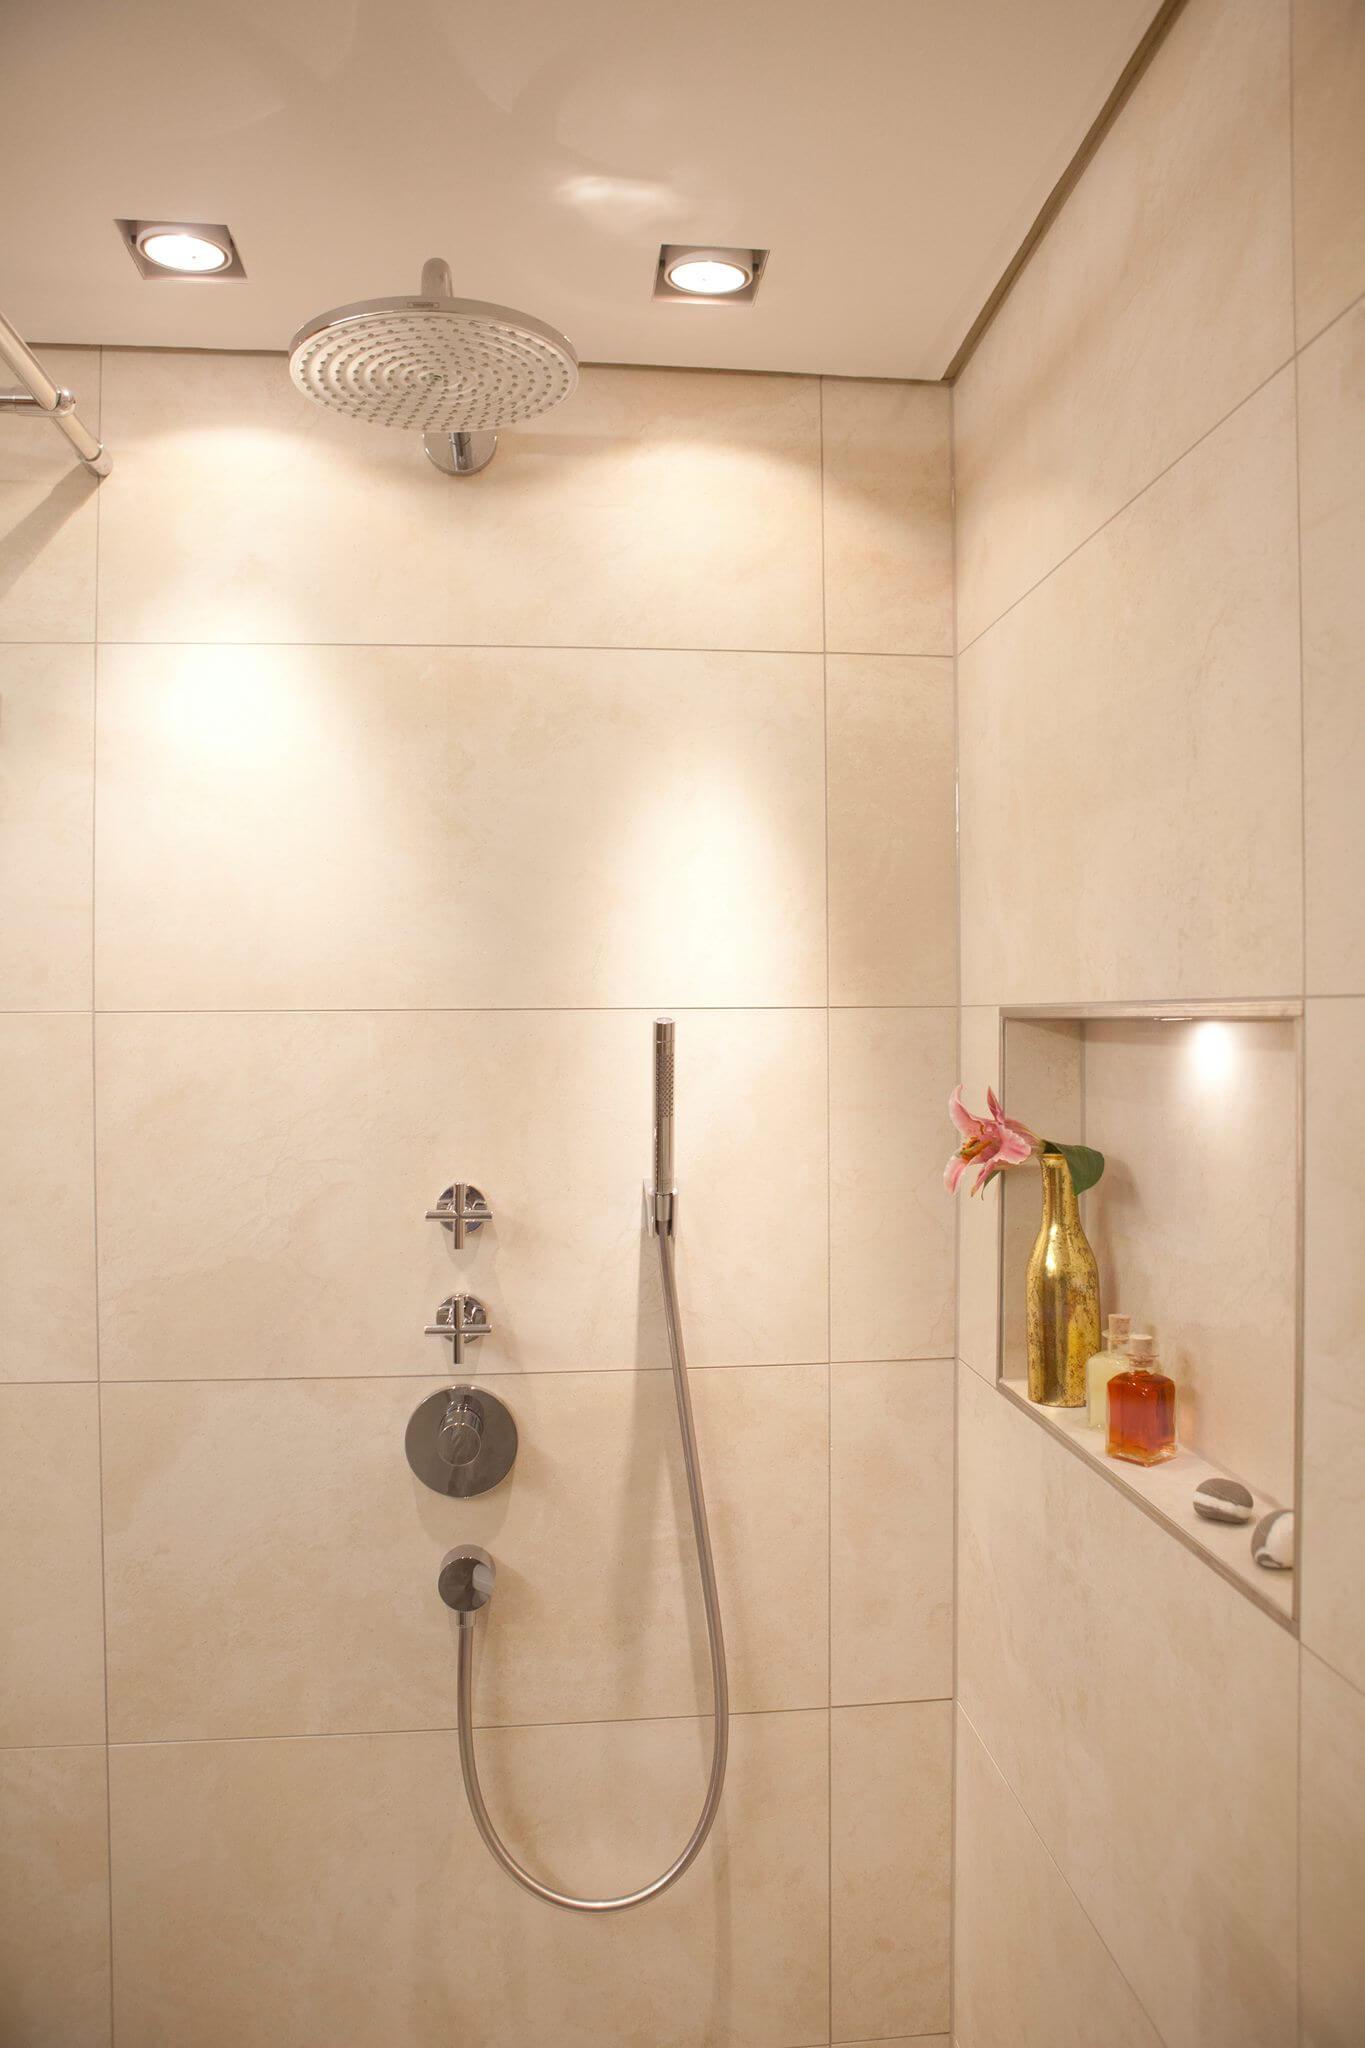 Gste Badezimmer mit stimmungsvollen Lichtszenarien